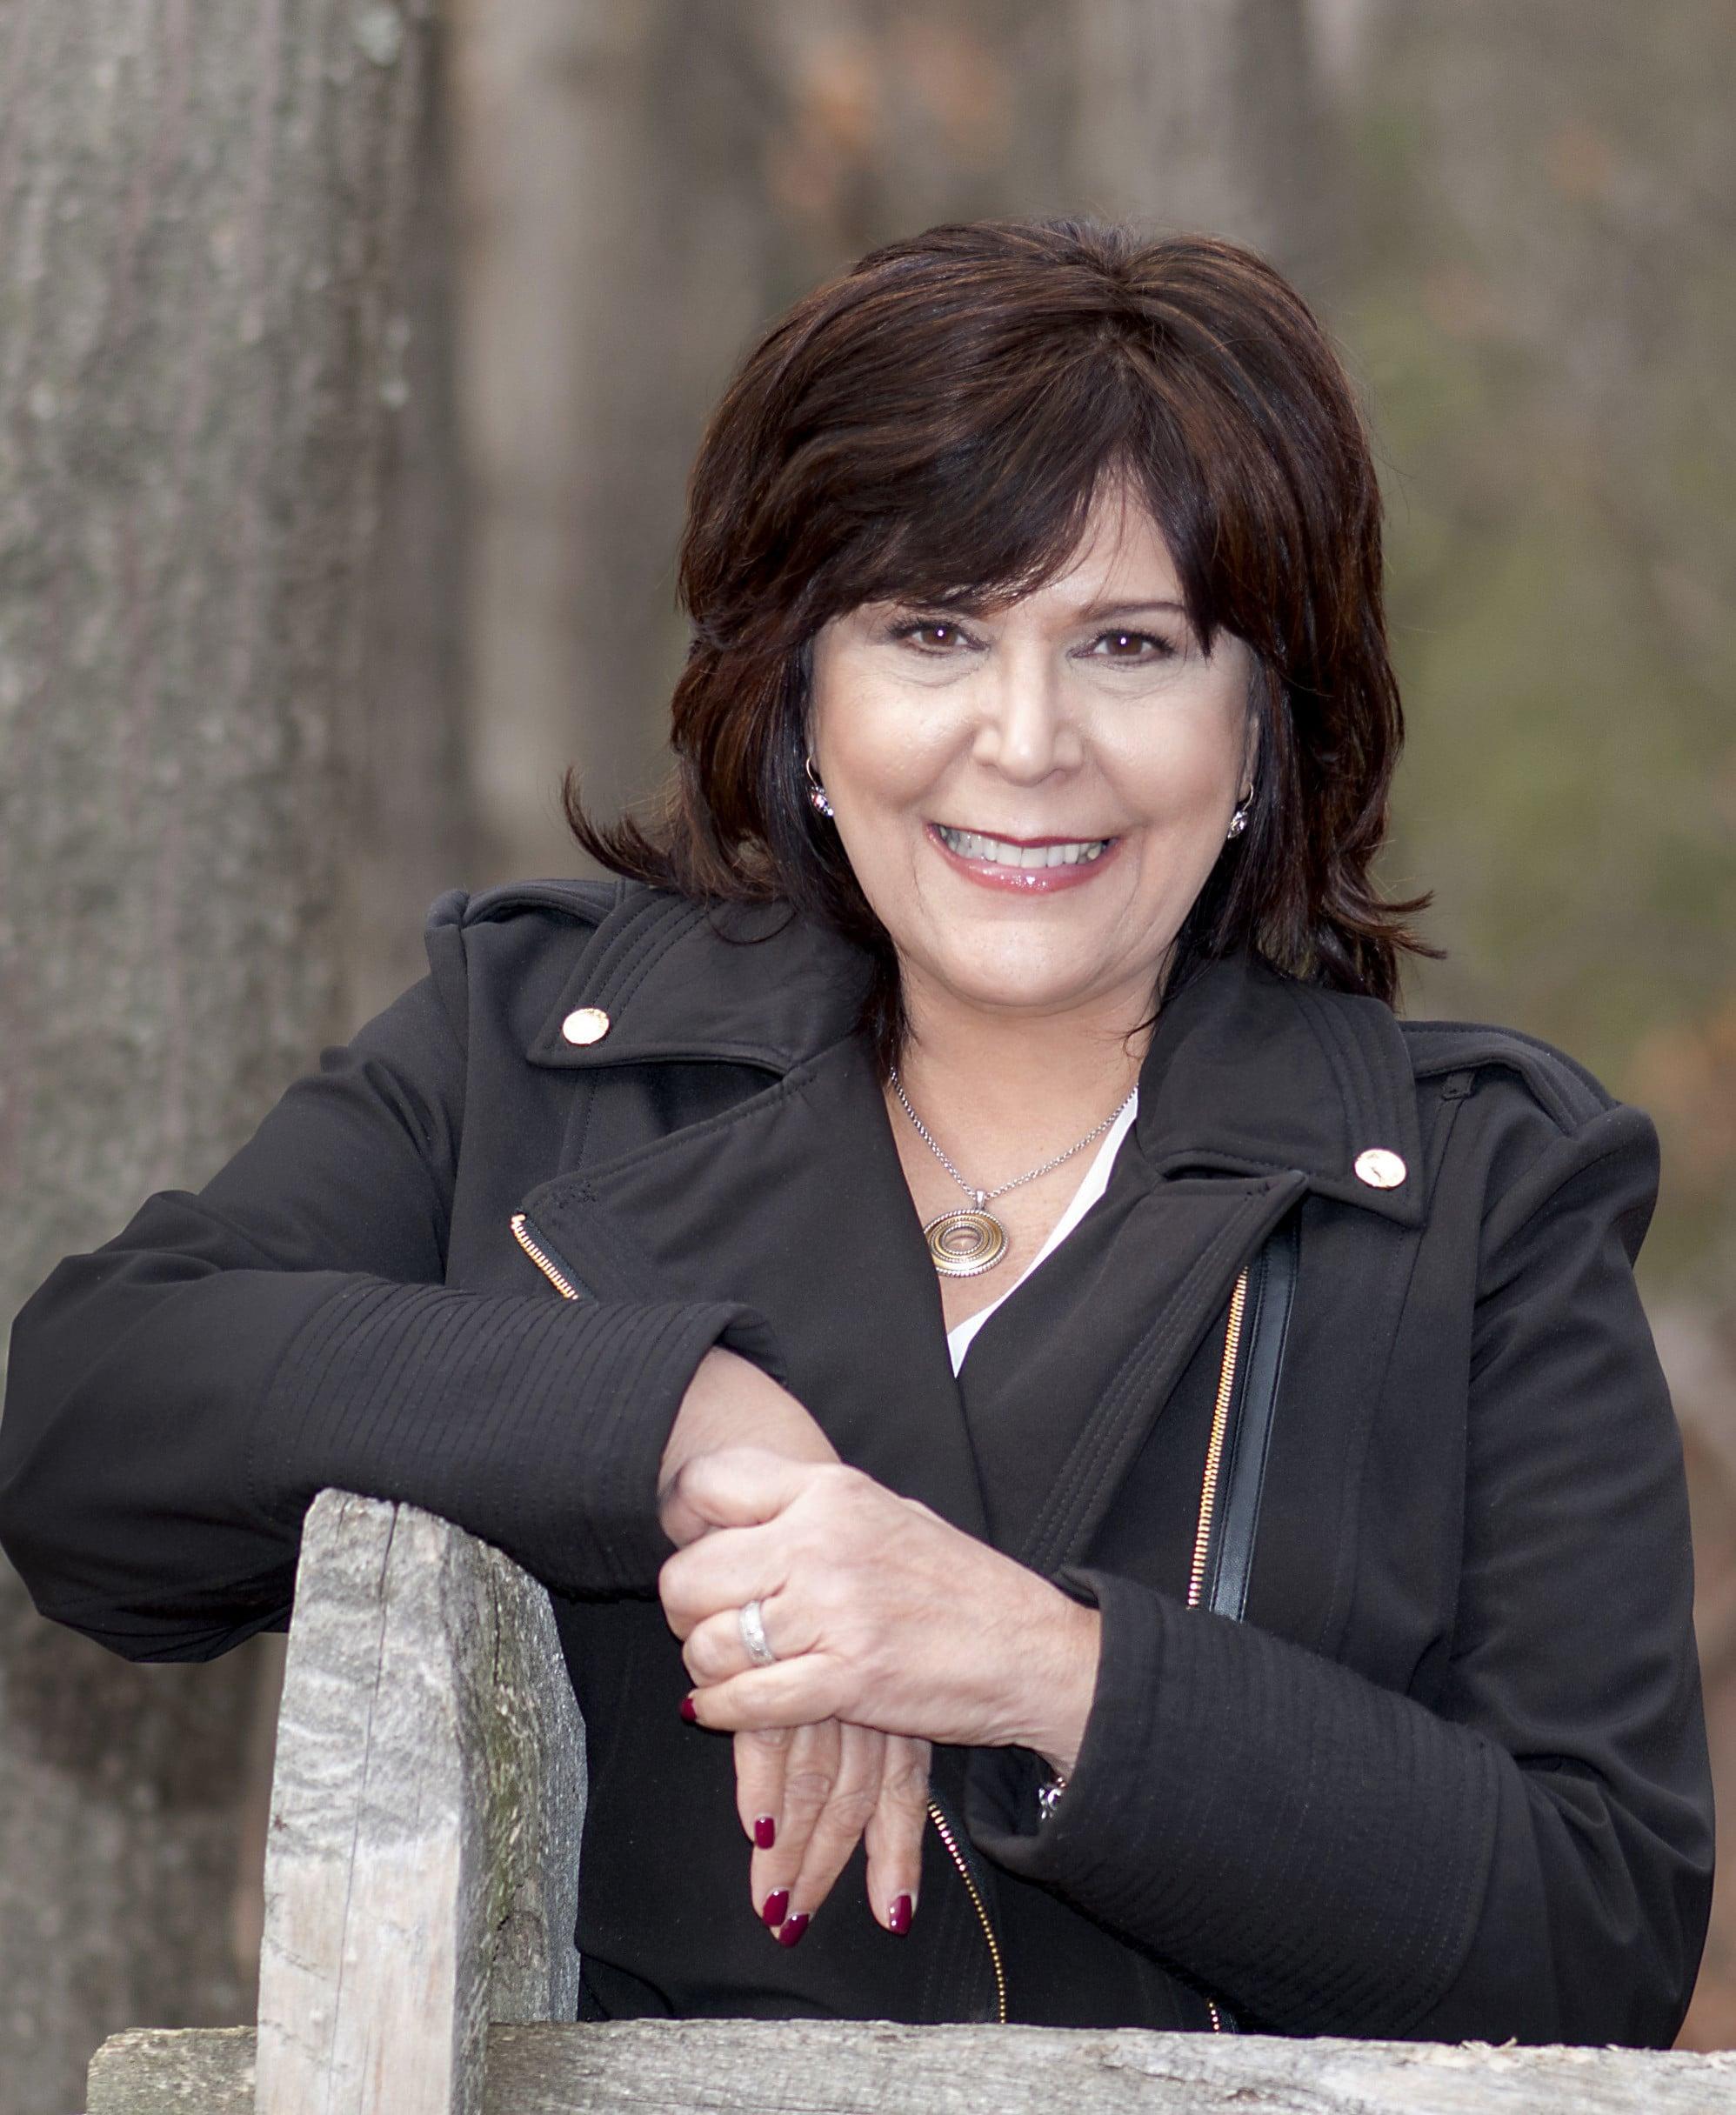 Joanne Turnier